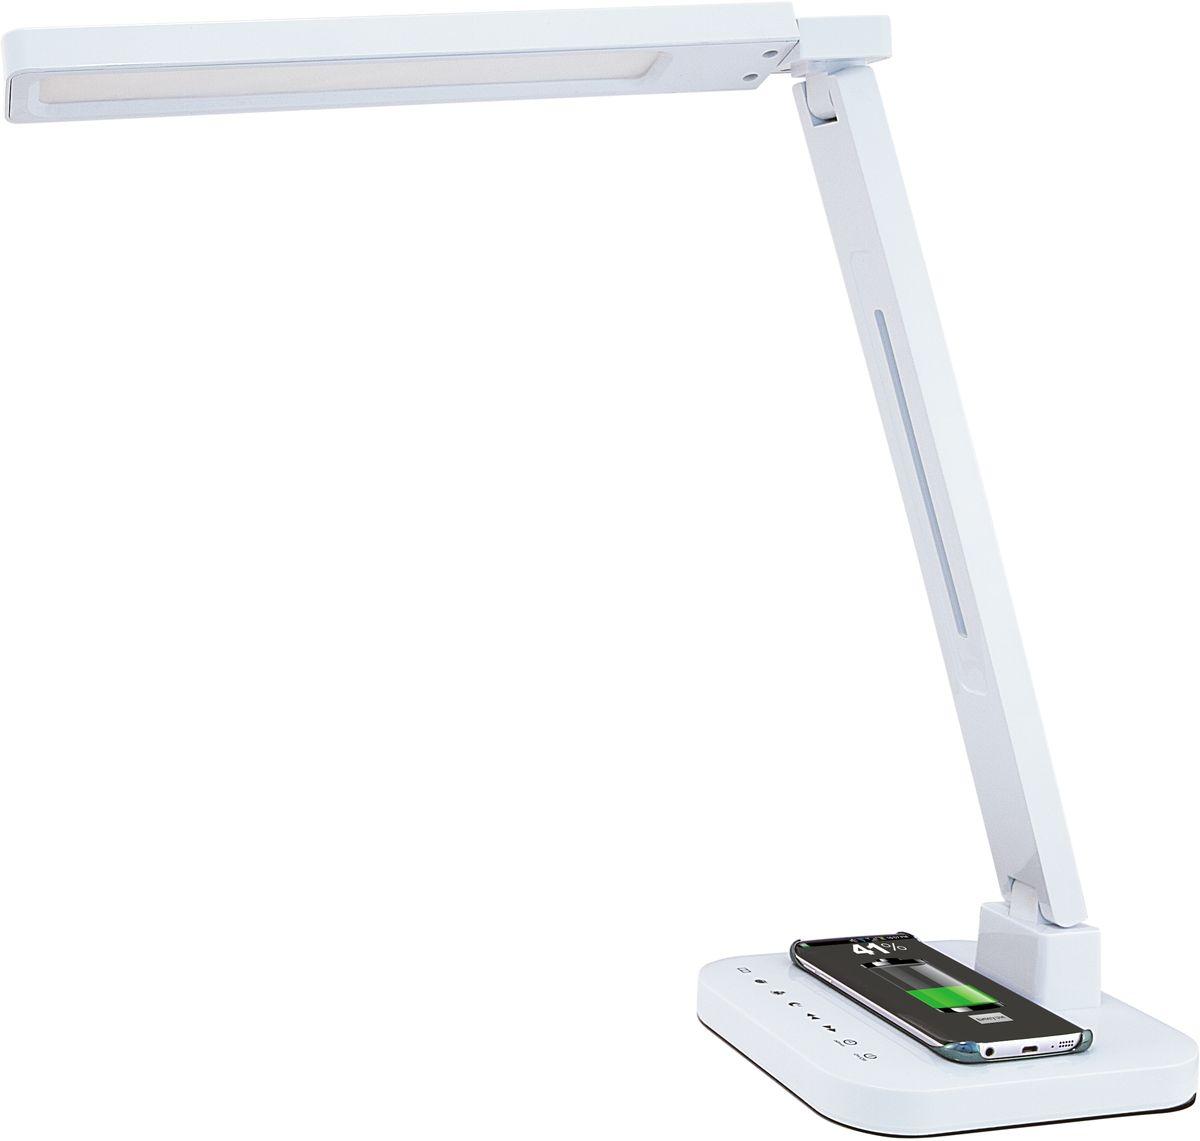 Лампа настольная Лючия Smart Qi, светодиодная, цвет: белый, 15W. L900 настольная лампа лючия pegas цвет черный 4 w